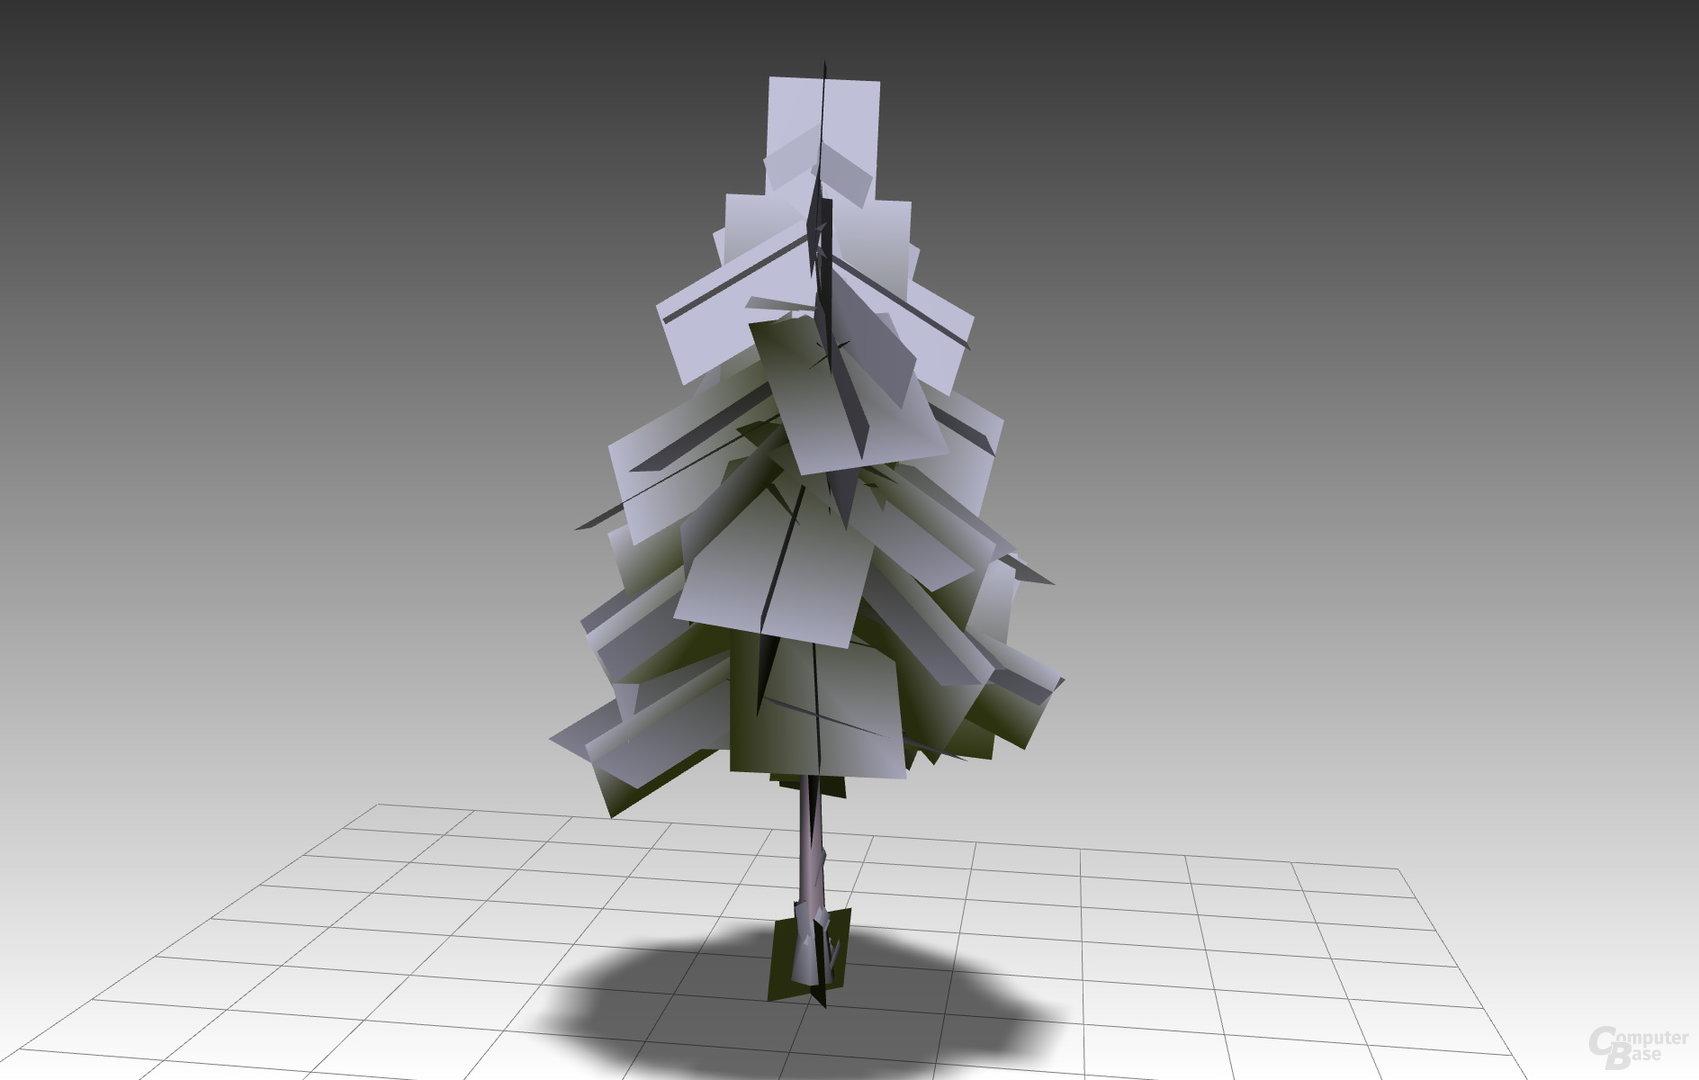 Modell eines Baums bestehend aus vielen teilweise transparenten Vierecken. (Bild erzeugt in Right Hemisphere Deep Exploration)